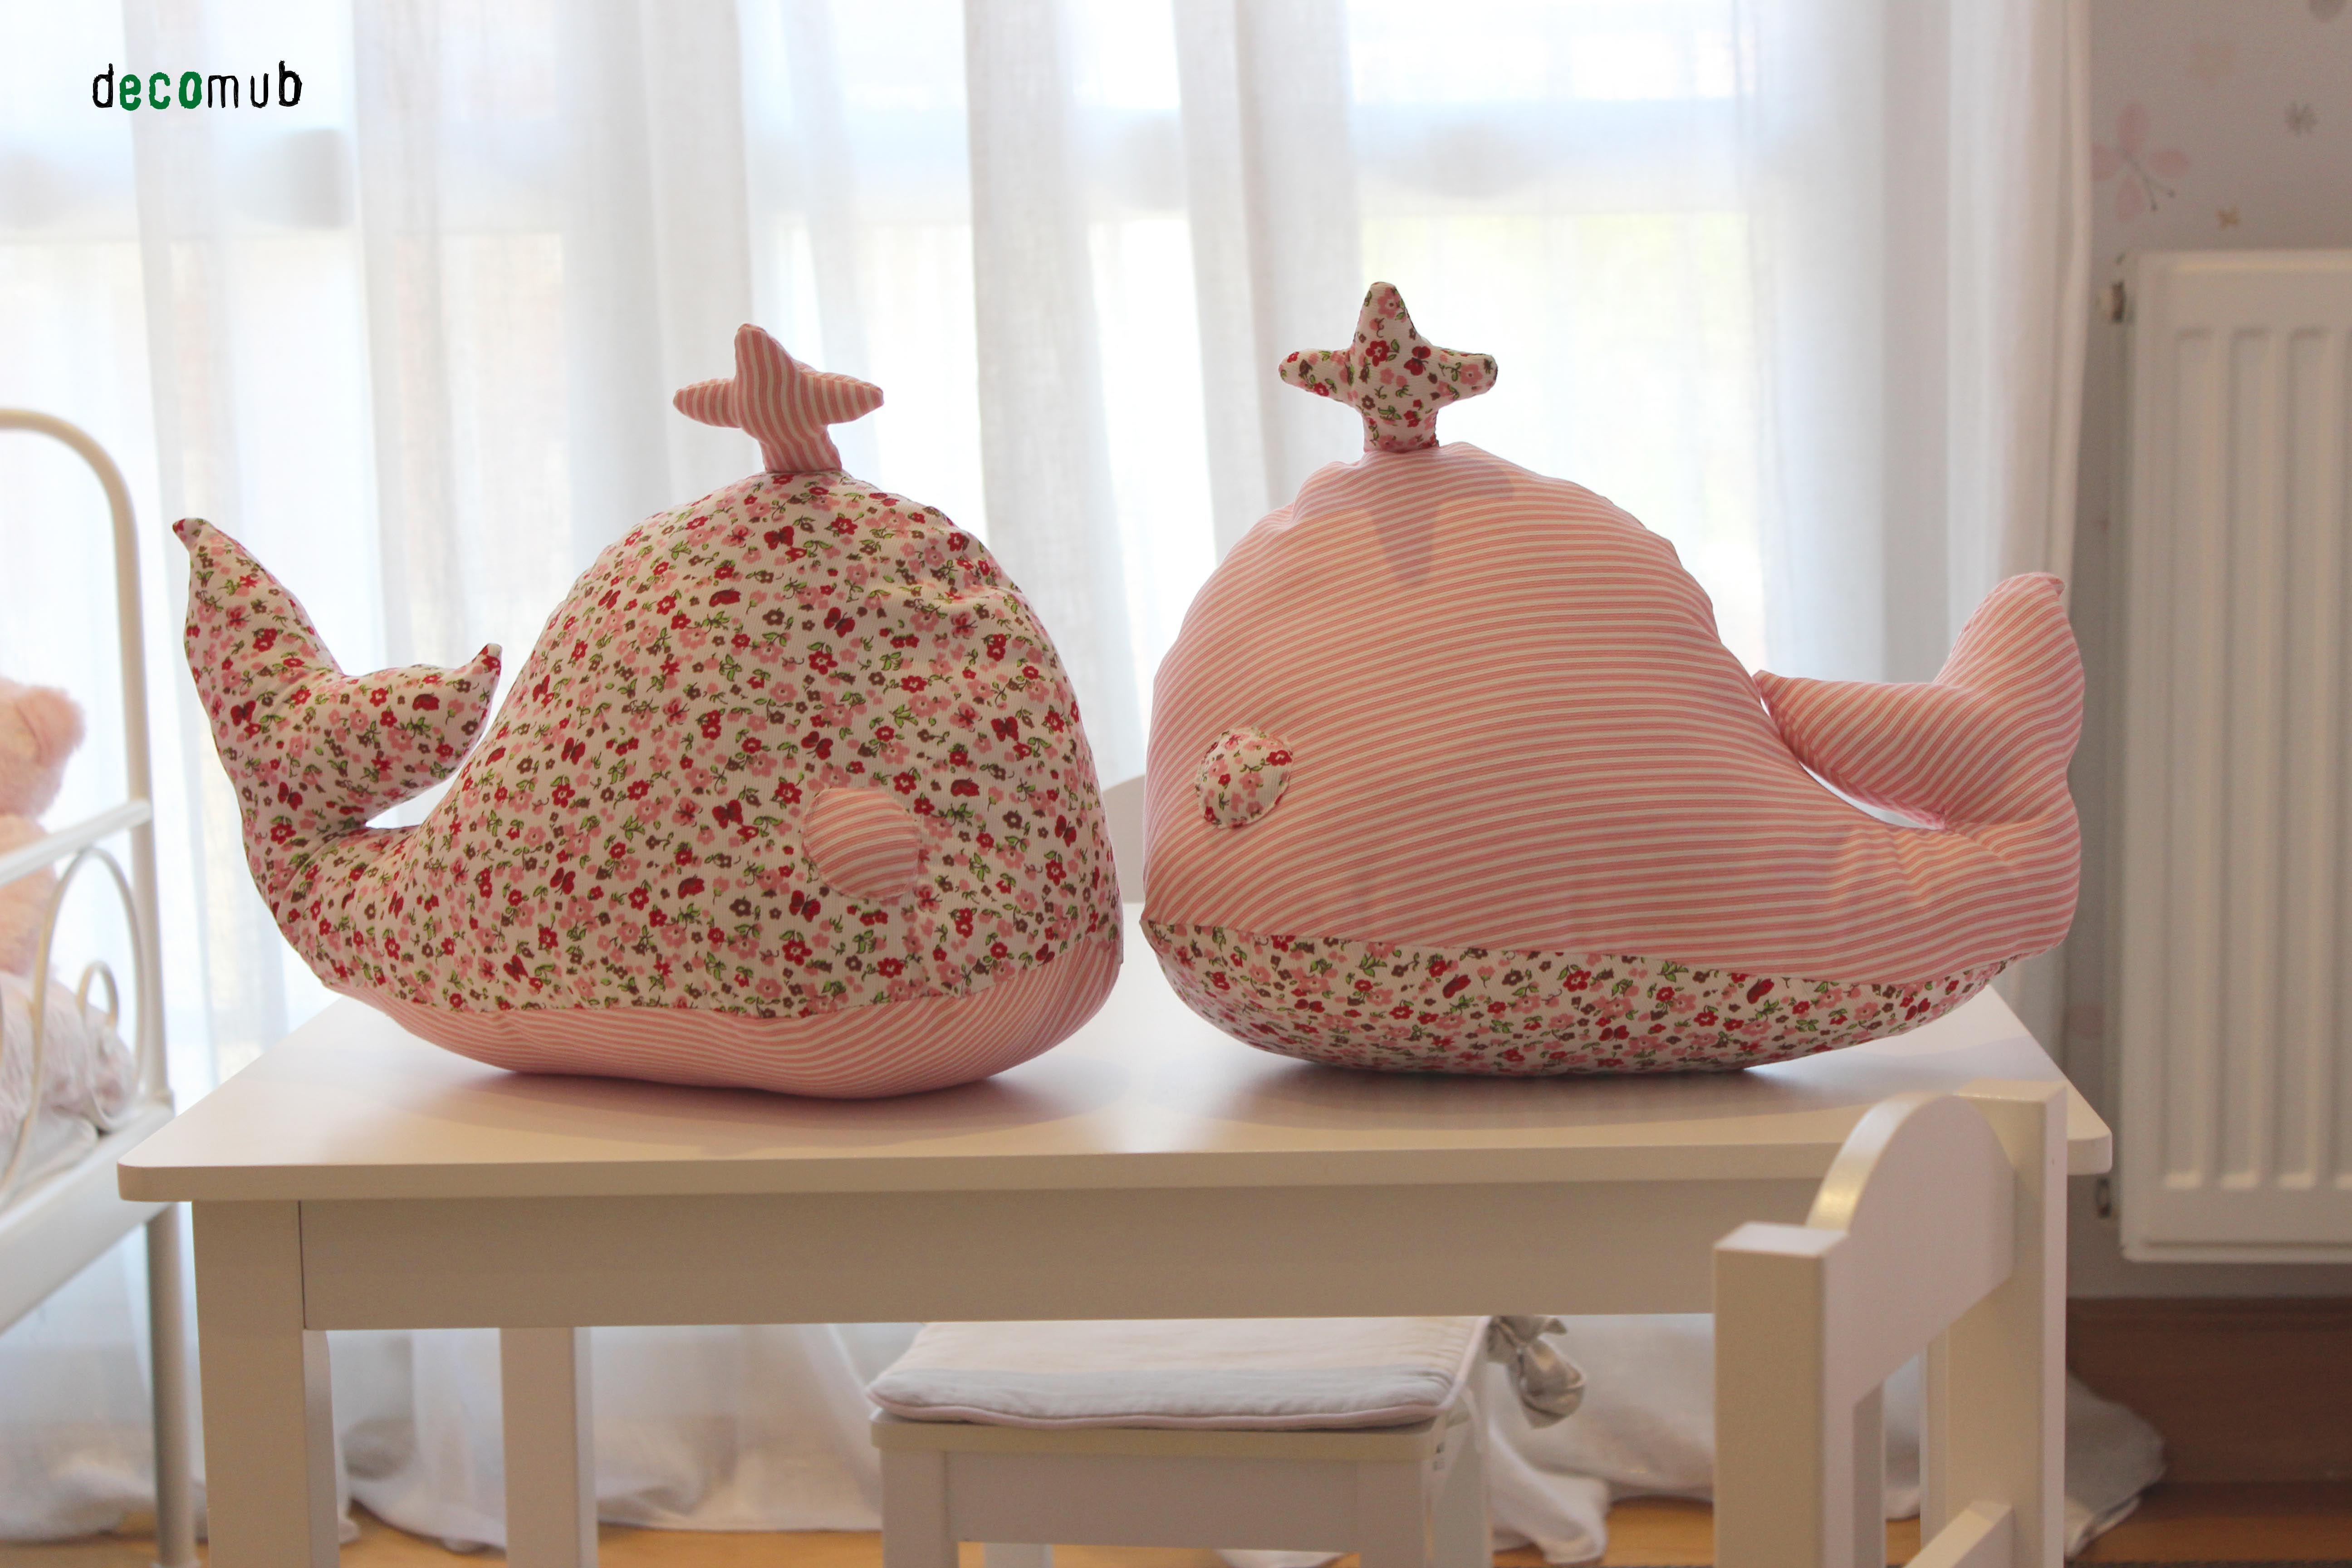 Cojines con forma de ballena hechos a mano decomub kids - Cojines hechos a mano ...